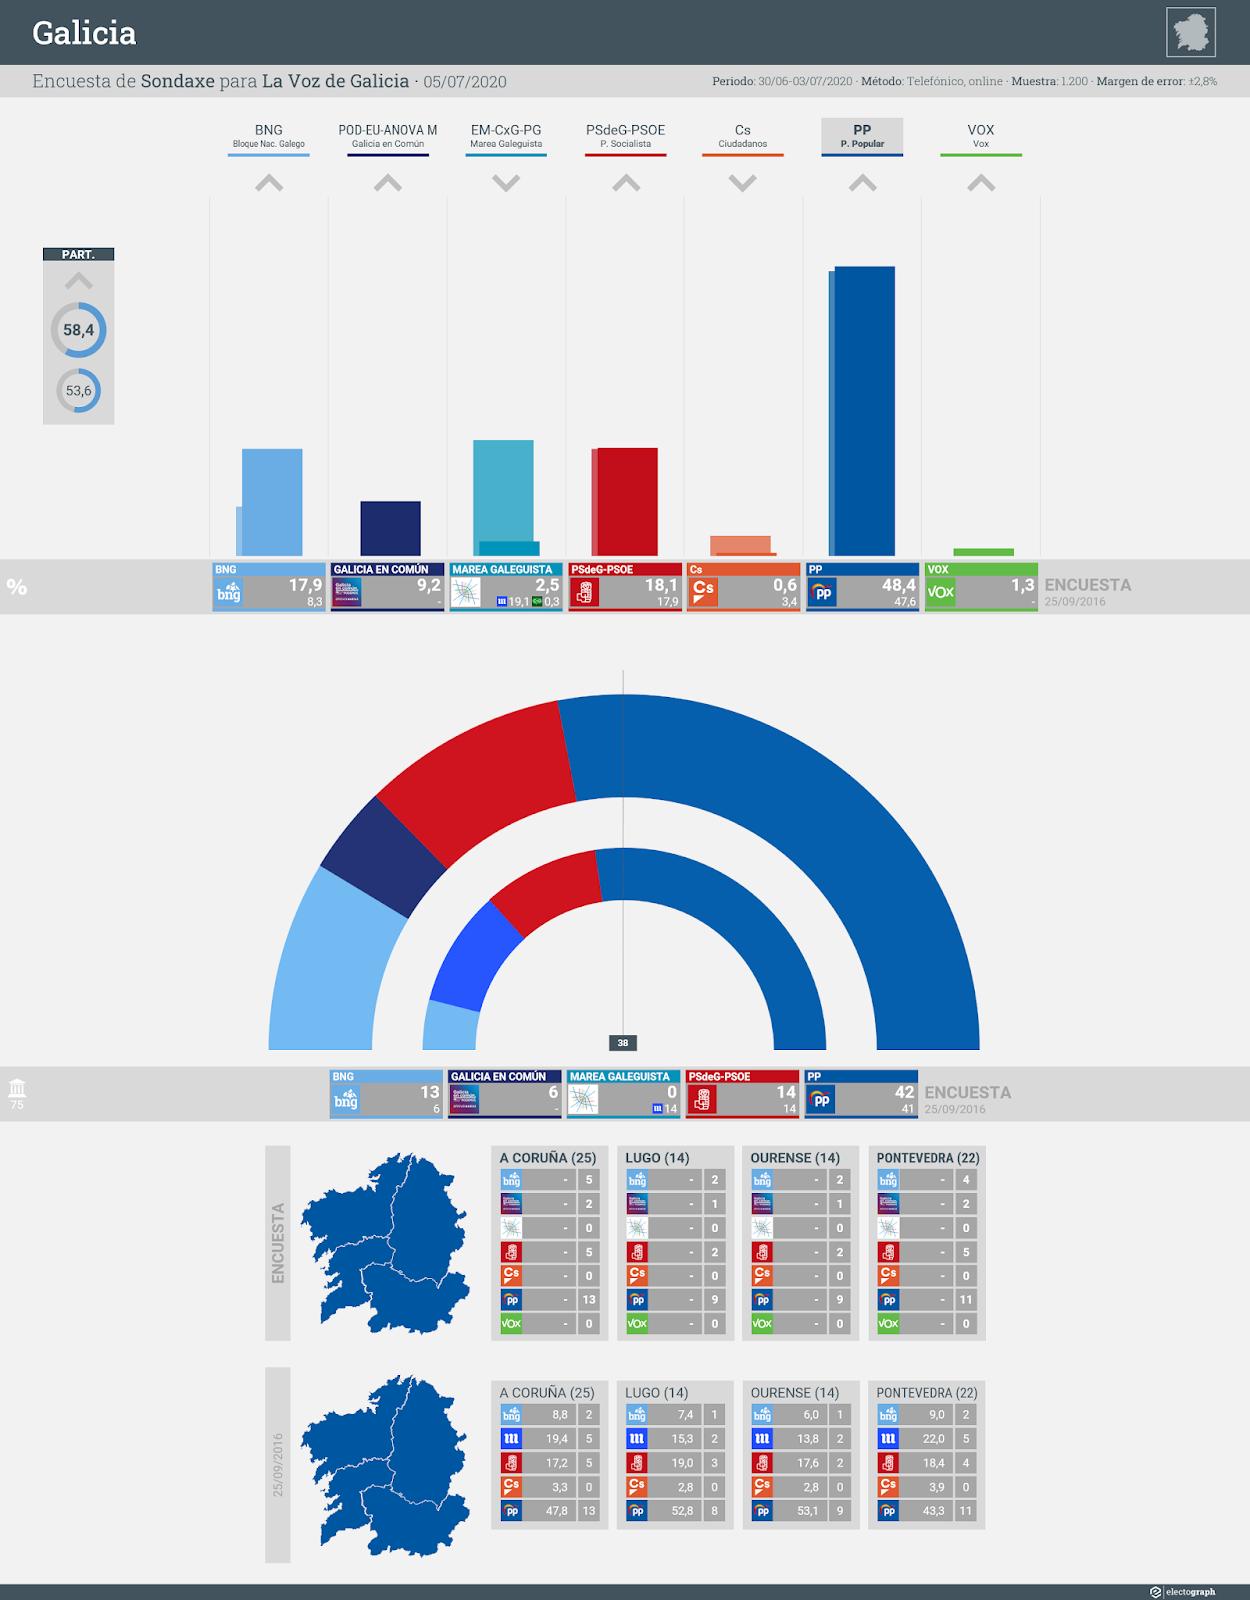 Gráfico de la encuesta para elecciones autonómicas en Galicia realizada por Sondaxe para La Voz de Galicia, 5 de julio de 2020